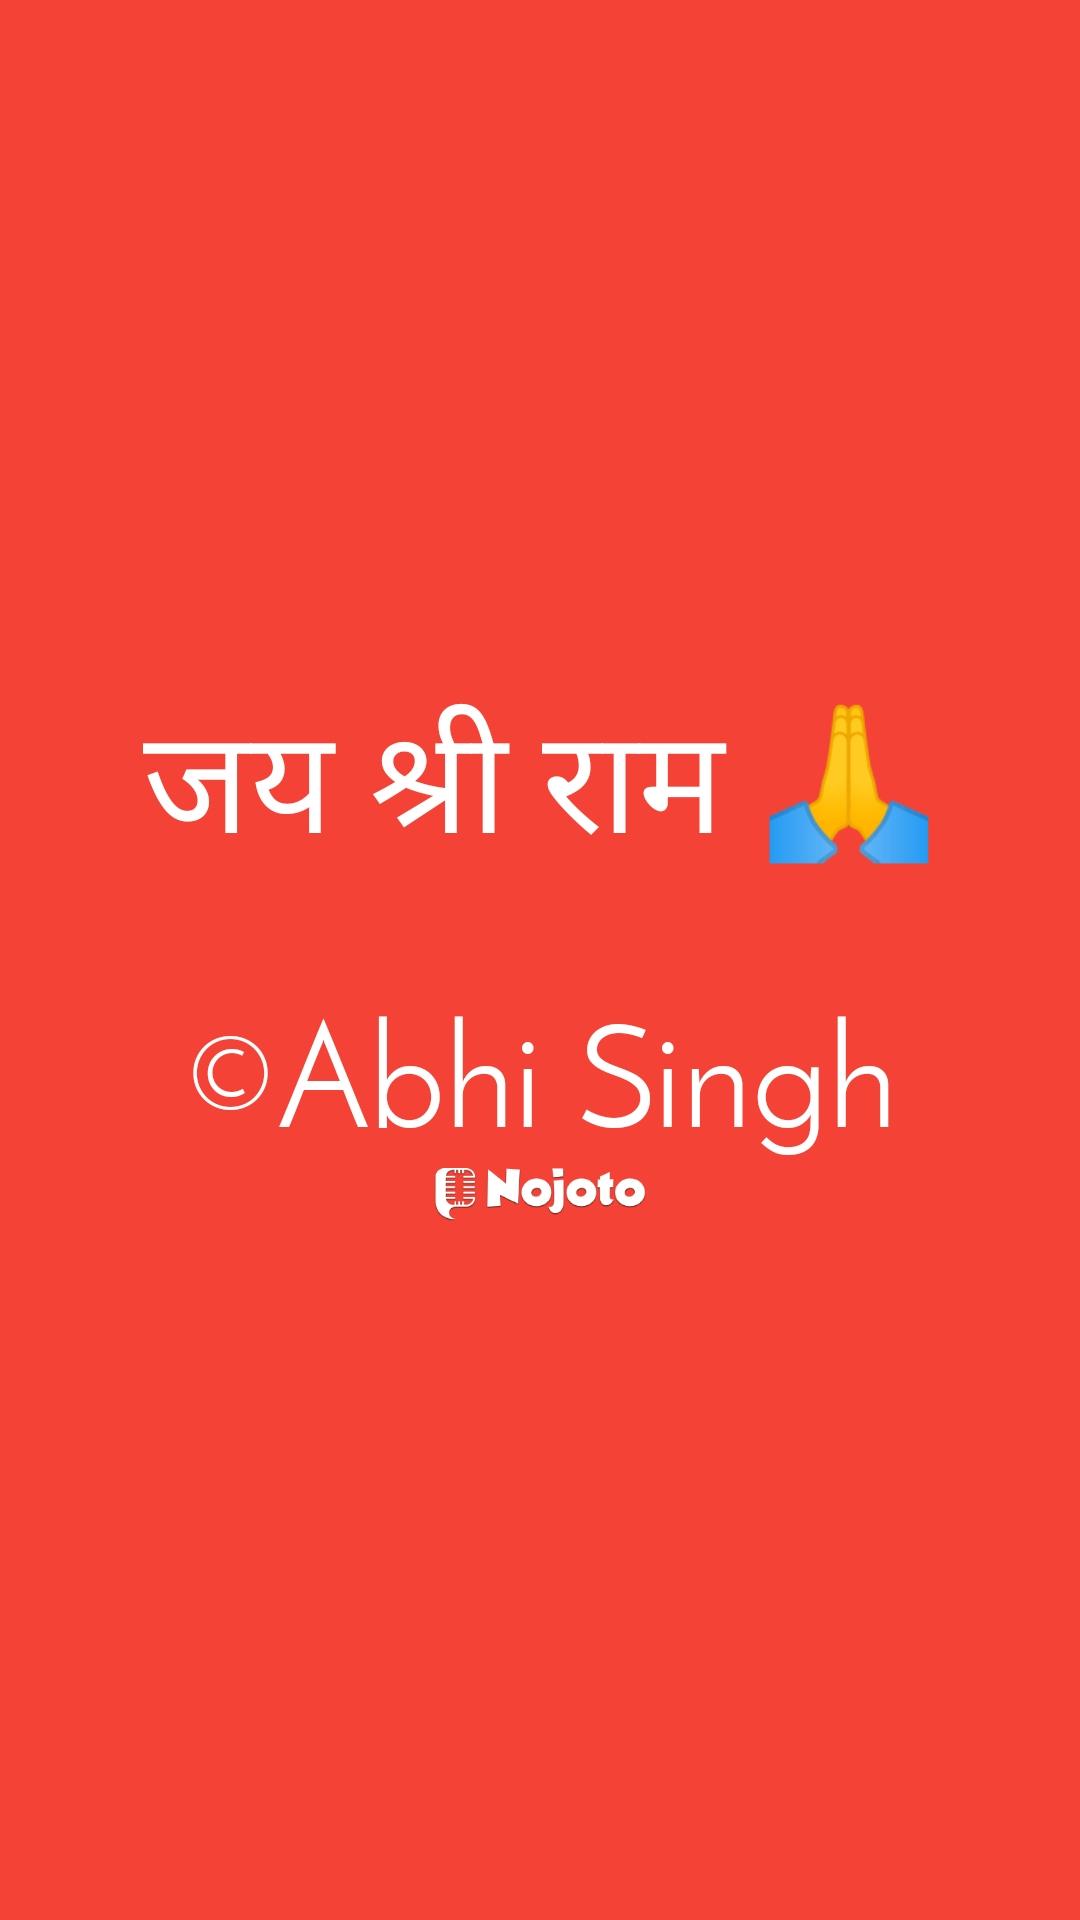 जय श्री राम 🙏  ©Abhi Singh